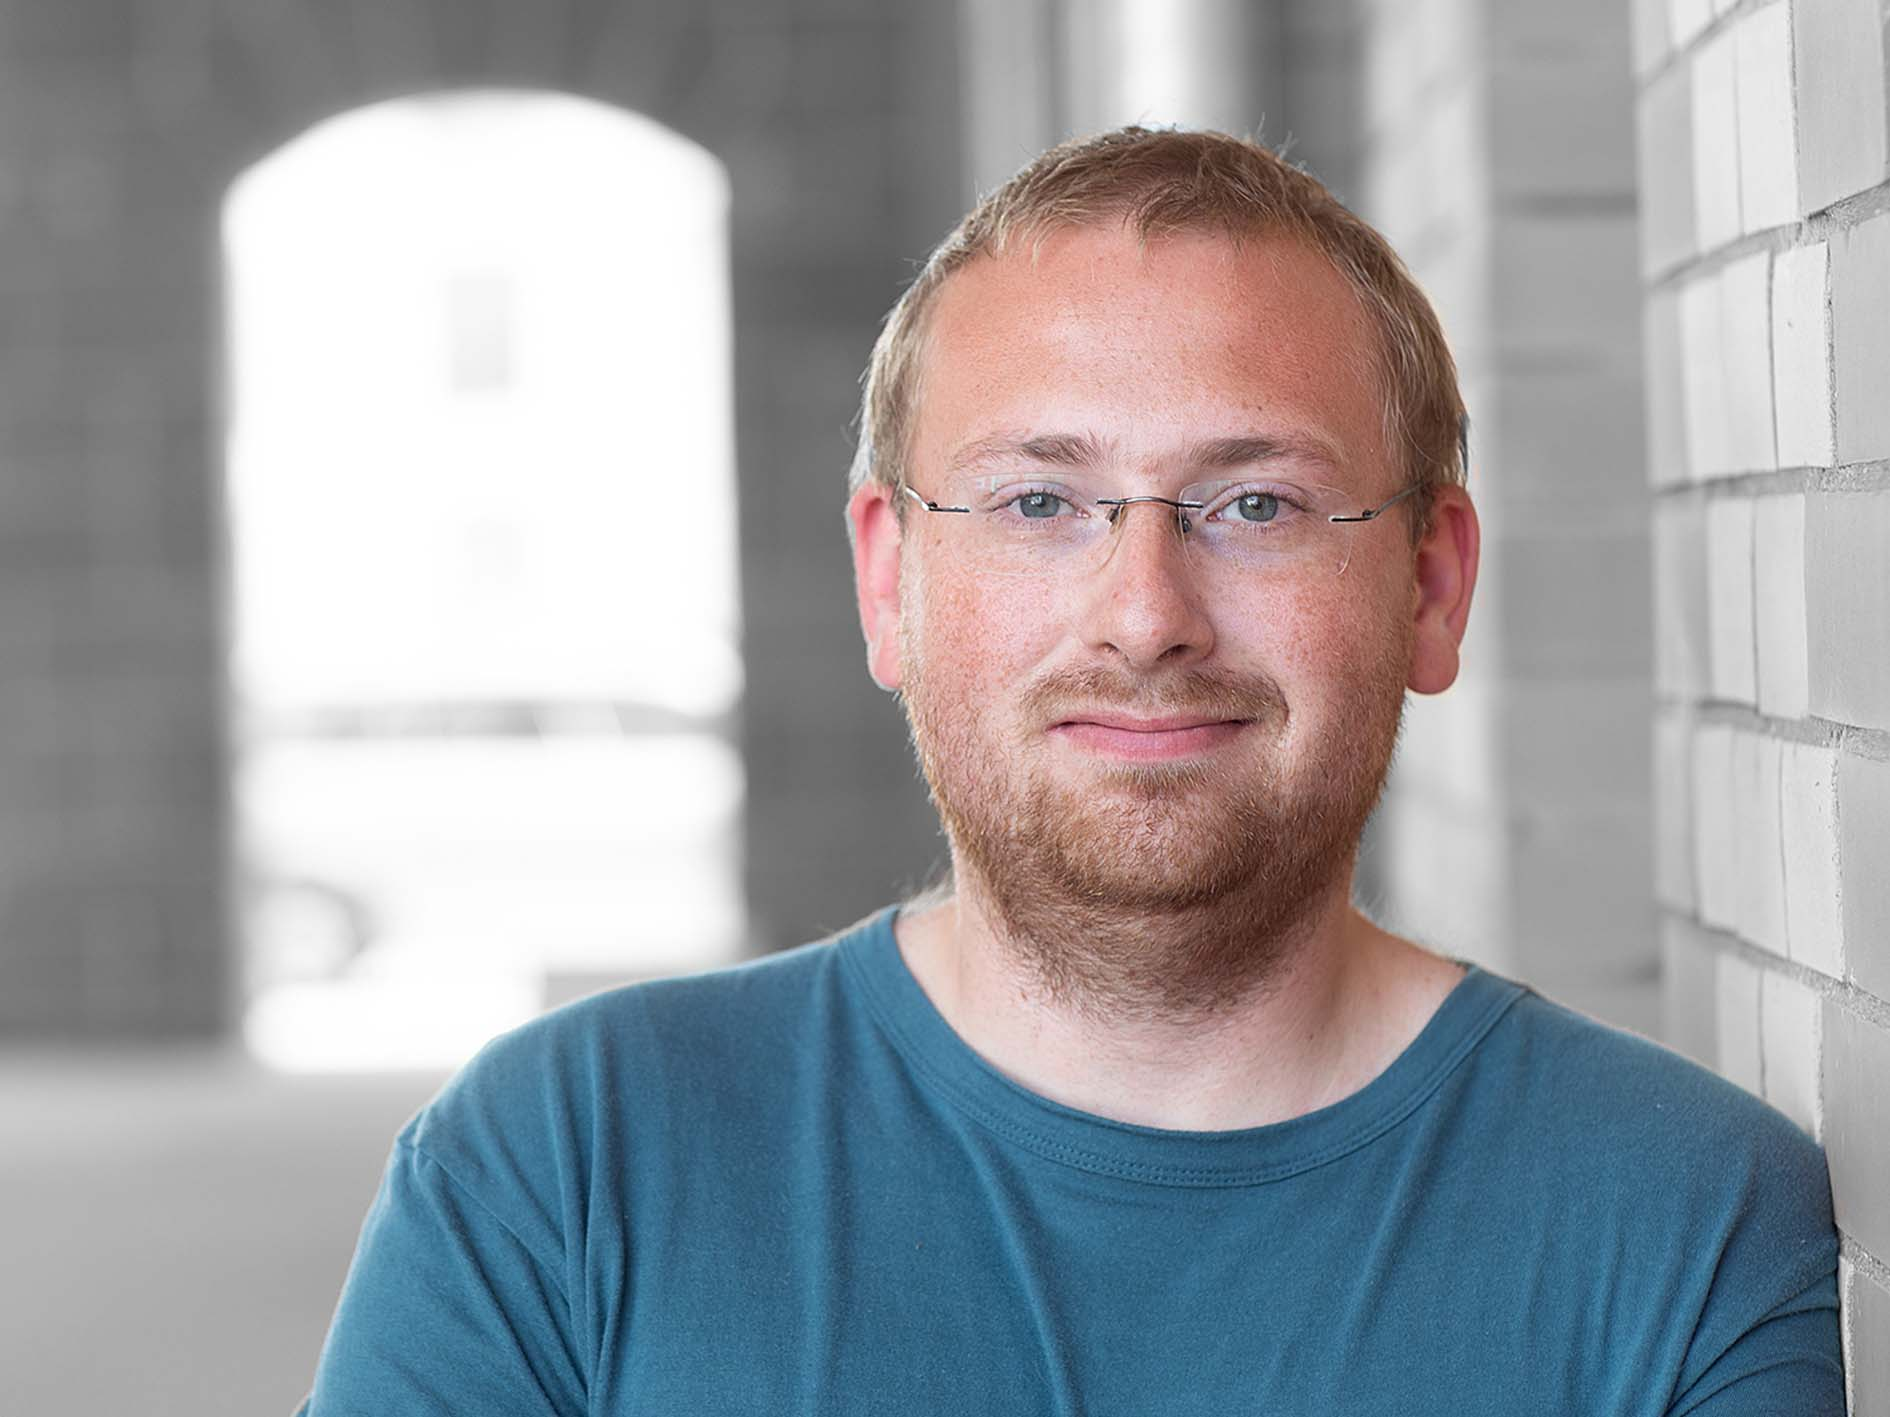 Phillipp-Pierre Justus